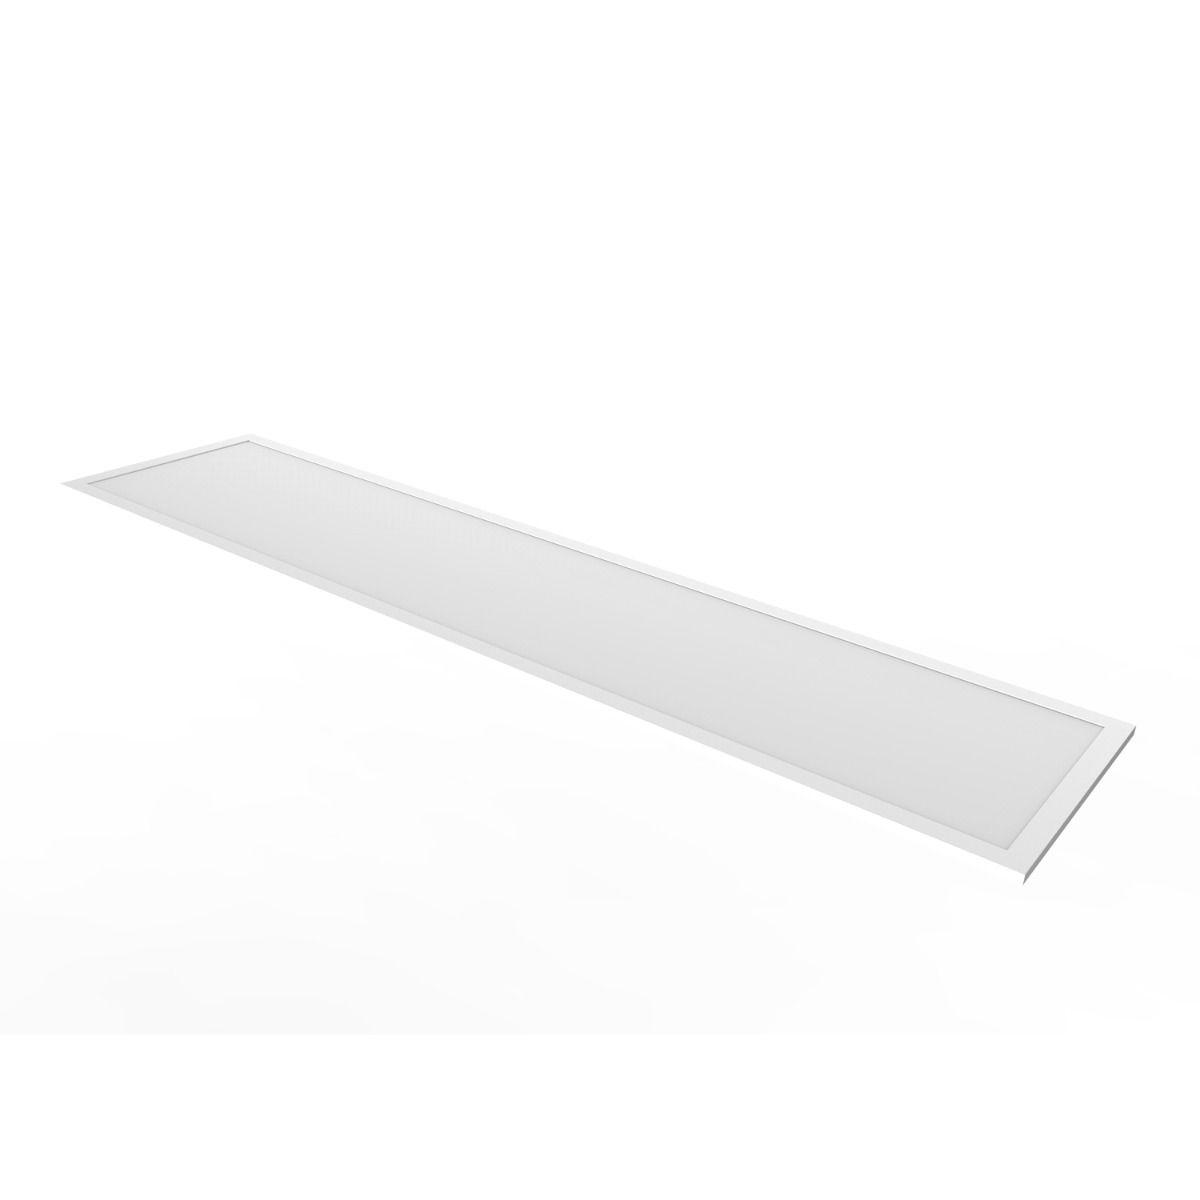 Noxion LED panel Ecowhite V2.0 30x120cm 3000K 36W UGR <19 | varm hvid - erstatter 2x36W